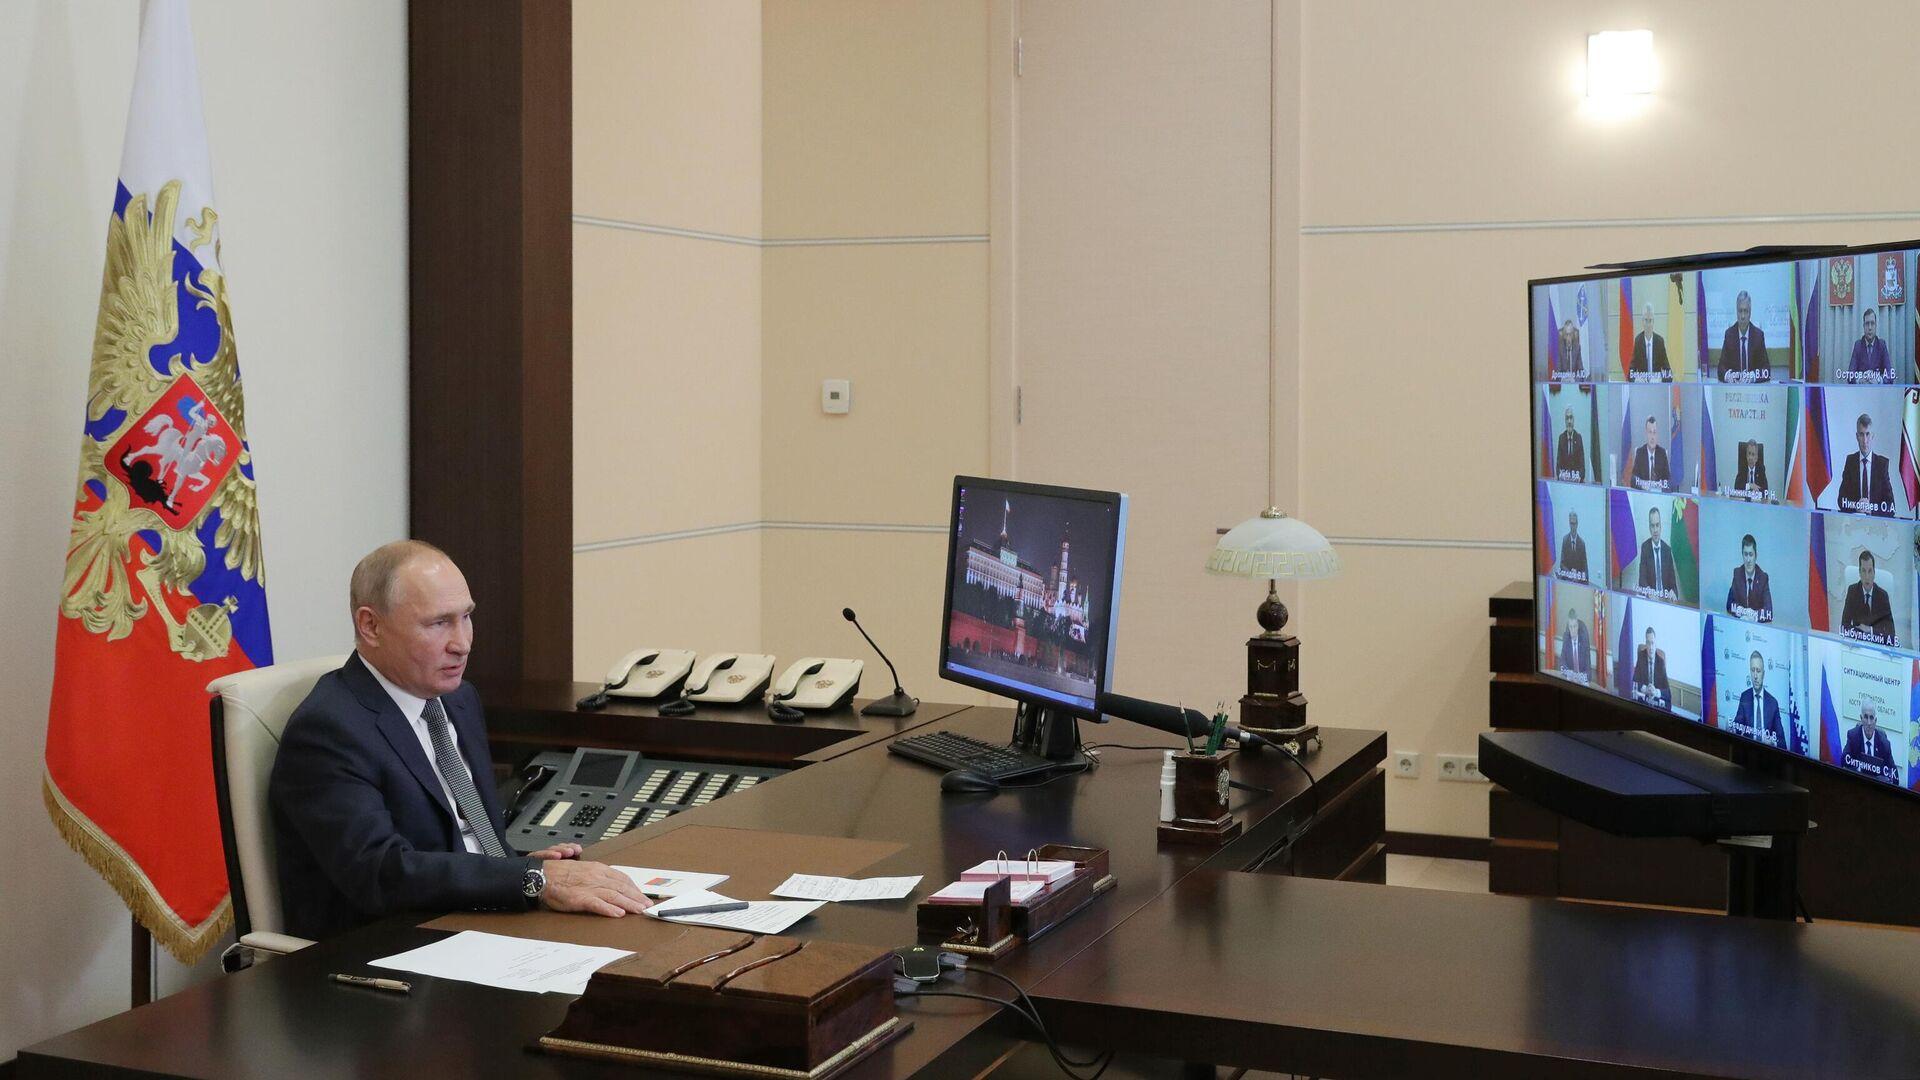 1577709679 0:320:3072:2048 1920x0 80 0 0 788815f87a00107f023a6adde2db8e5e - Люди должны почувствовать реализацию планов губернаторов, заявил Путин